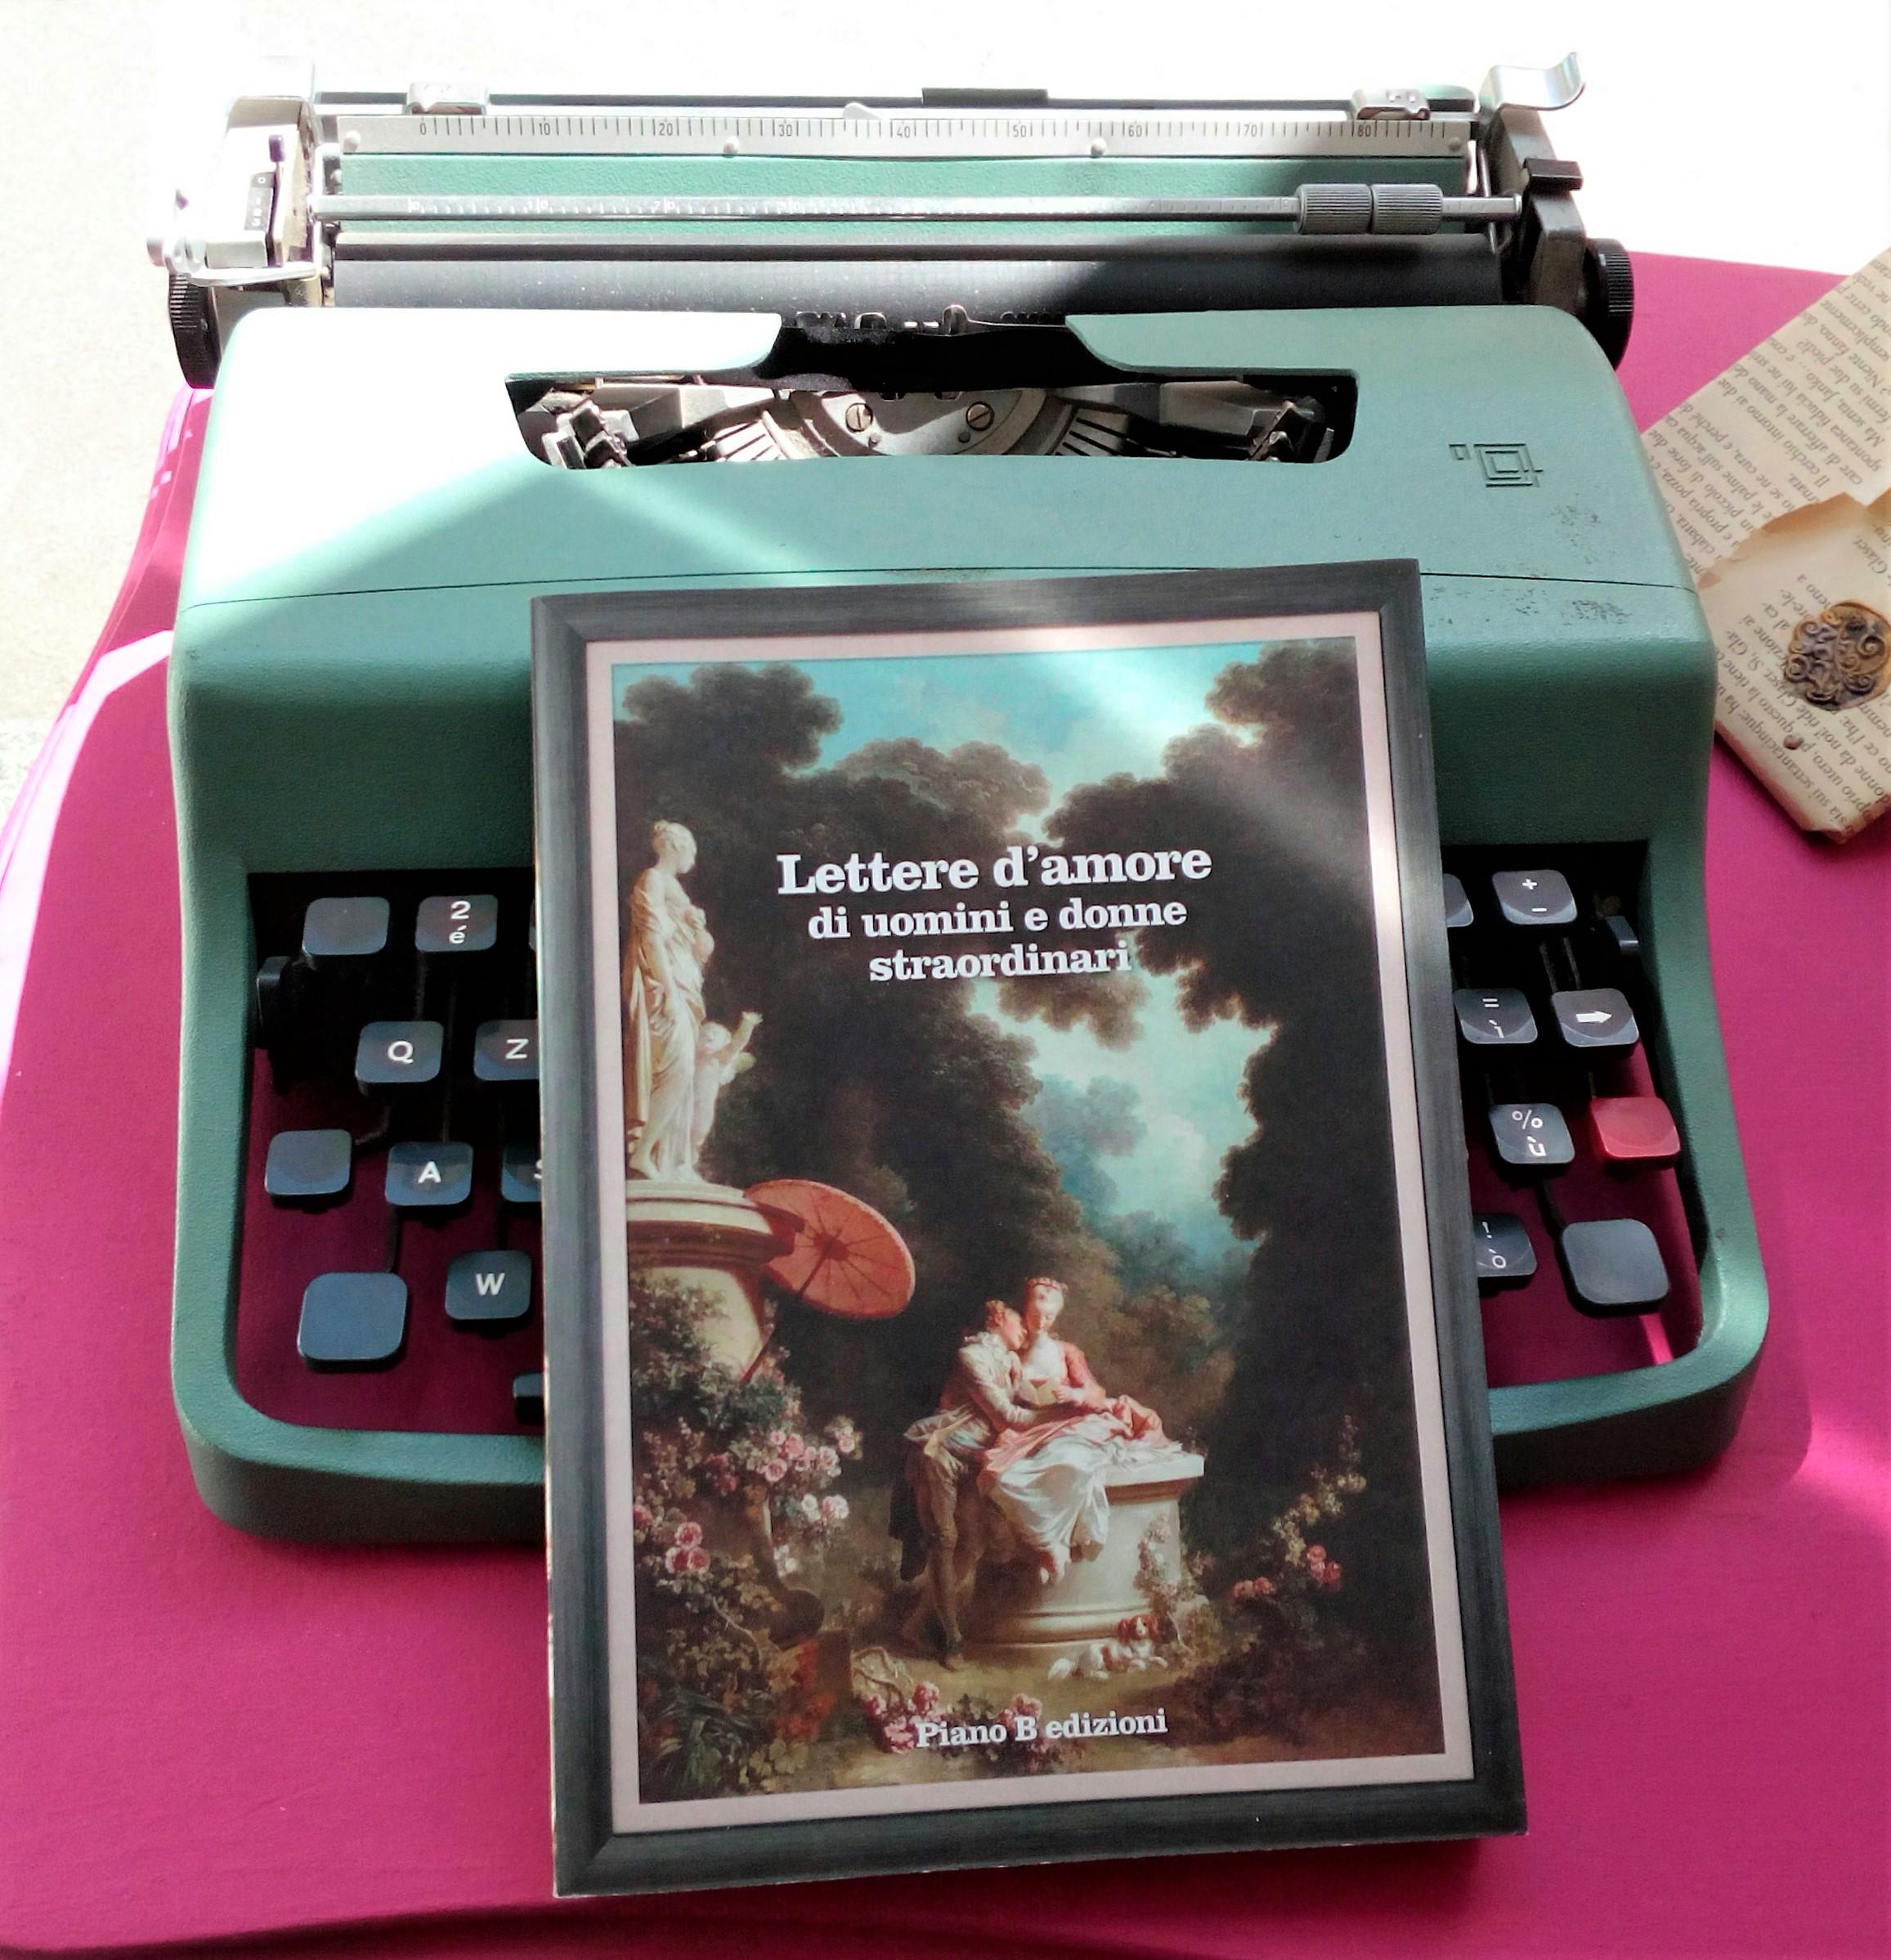 Recensione Lettere d'amore di uomini e donne straordinari Piano B edizioni